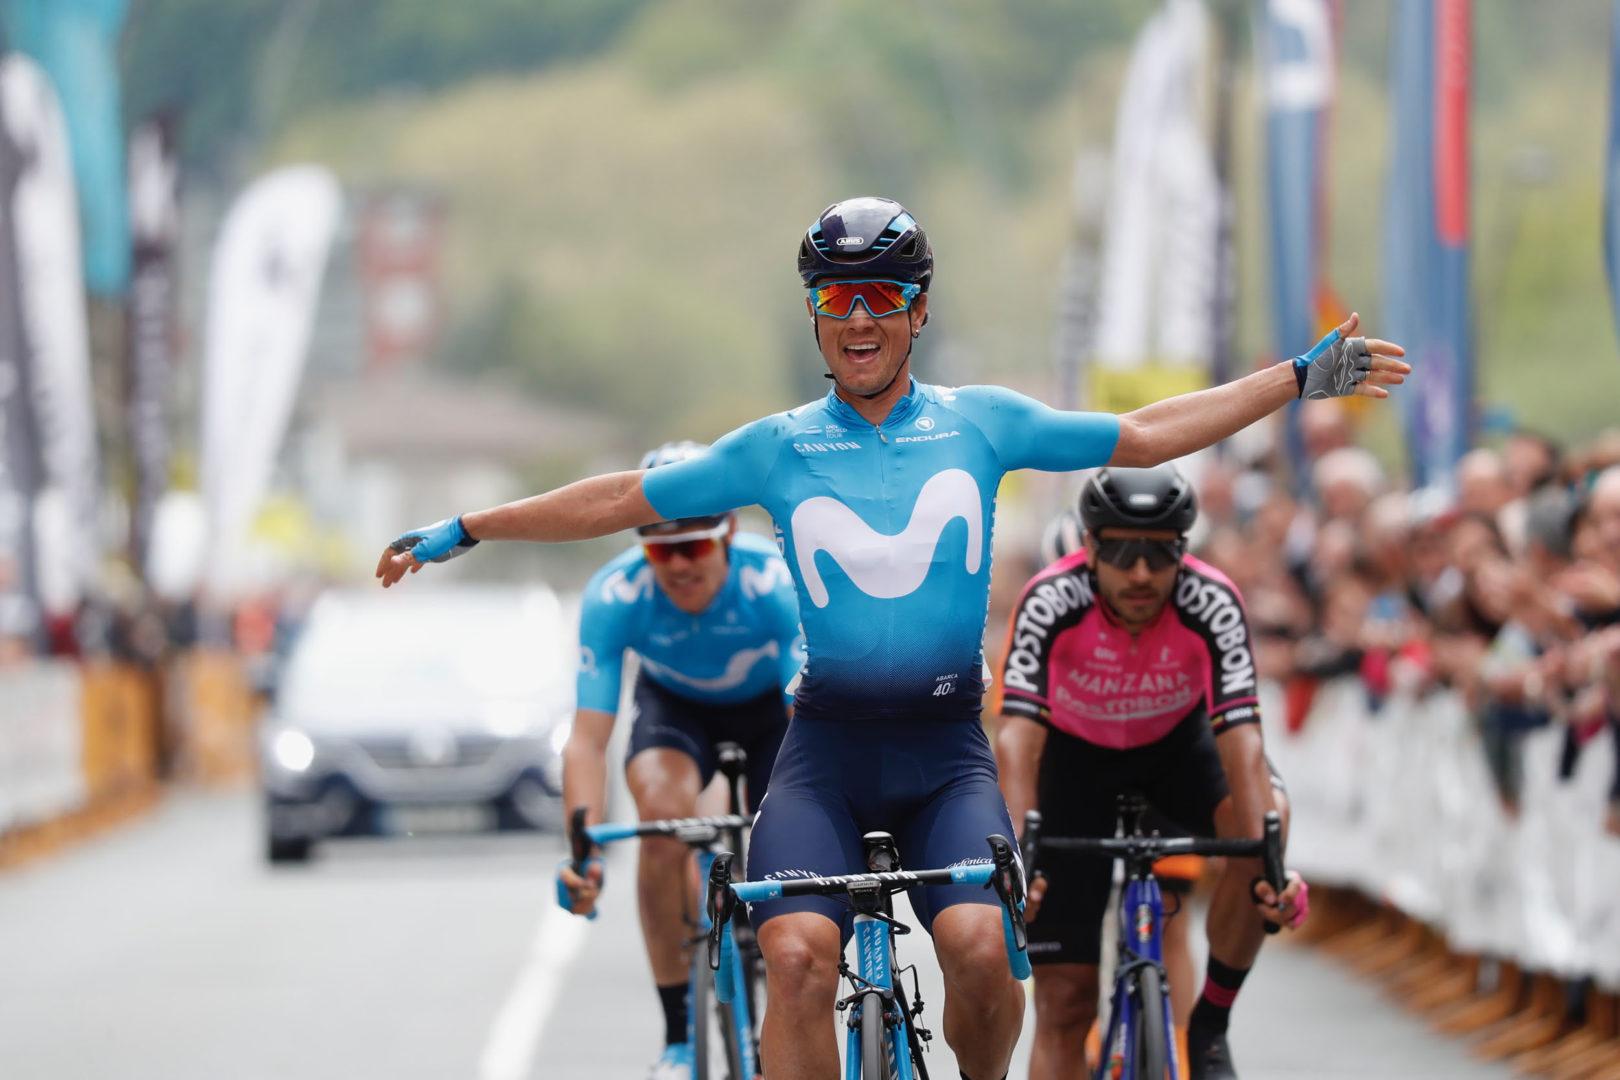 Cycling: Itzulia / Vuelta a País Vasco / Tour Basque Country / Stage 6 / Etapa 6 DESCRIPTION / DESCRIPCION /  Eibar - Eibar (118,2 Km)  13-04-2019 / Tour Basque Country / Luis Angel Gomez ©PHOTOGOMEZSPORT2019